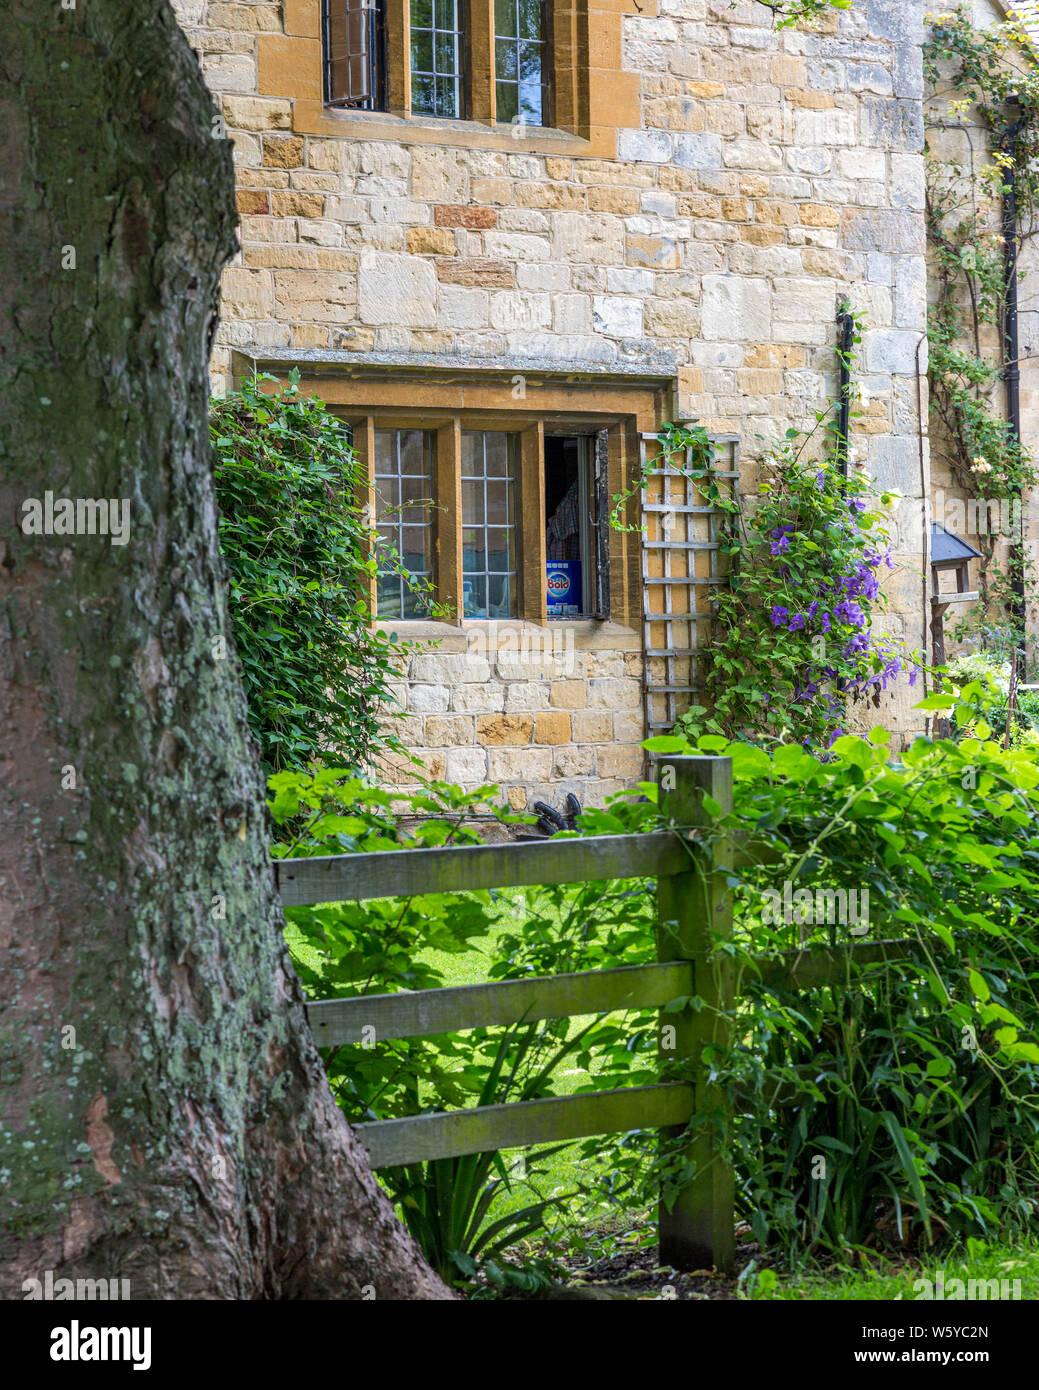 Casa y jardín, Stanton, Gloucestershire, Inglaterra, Reino Unido. Foto de stock